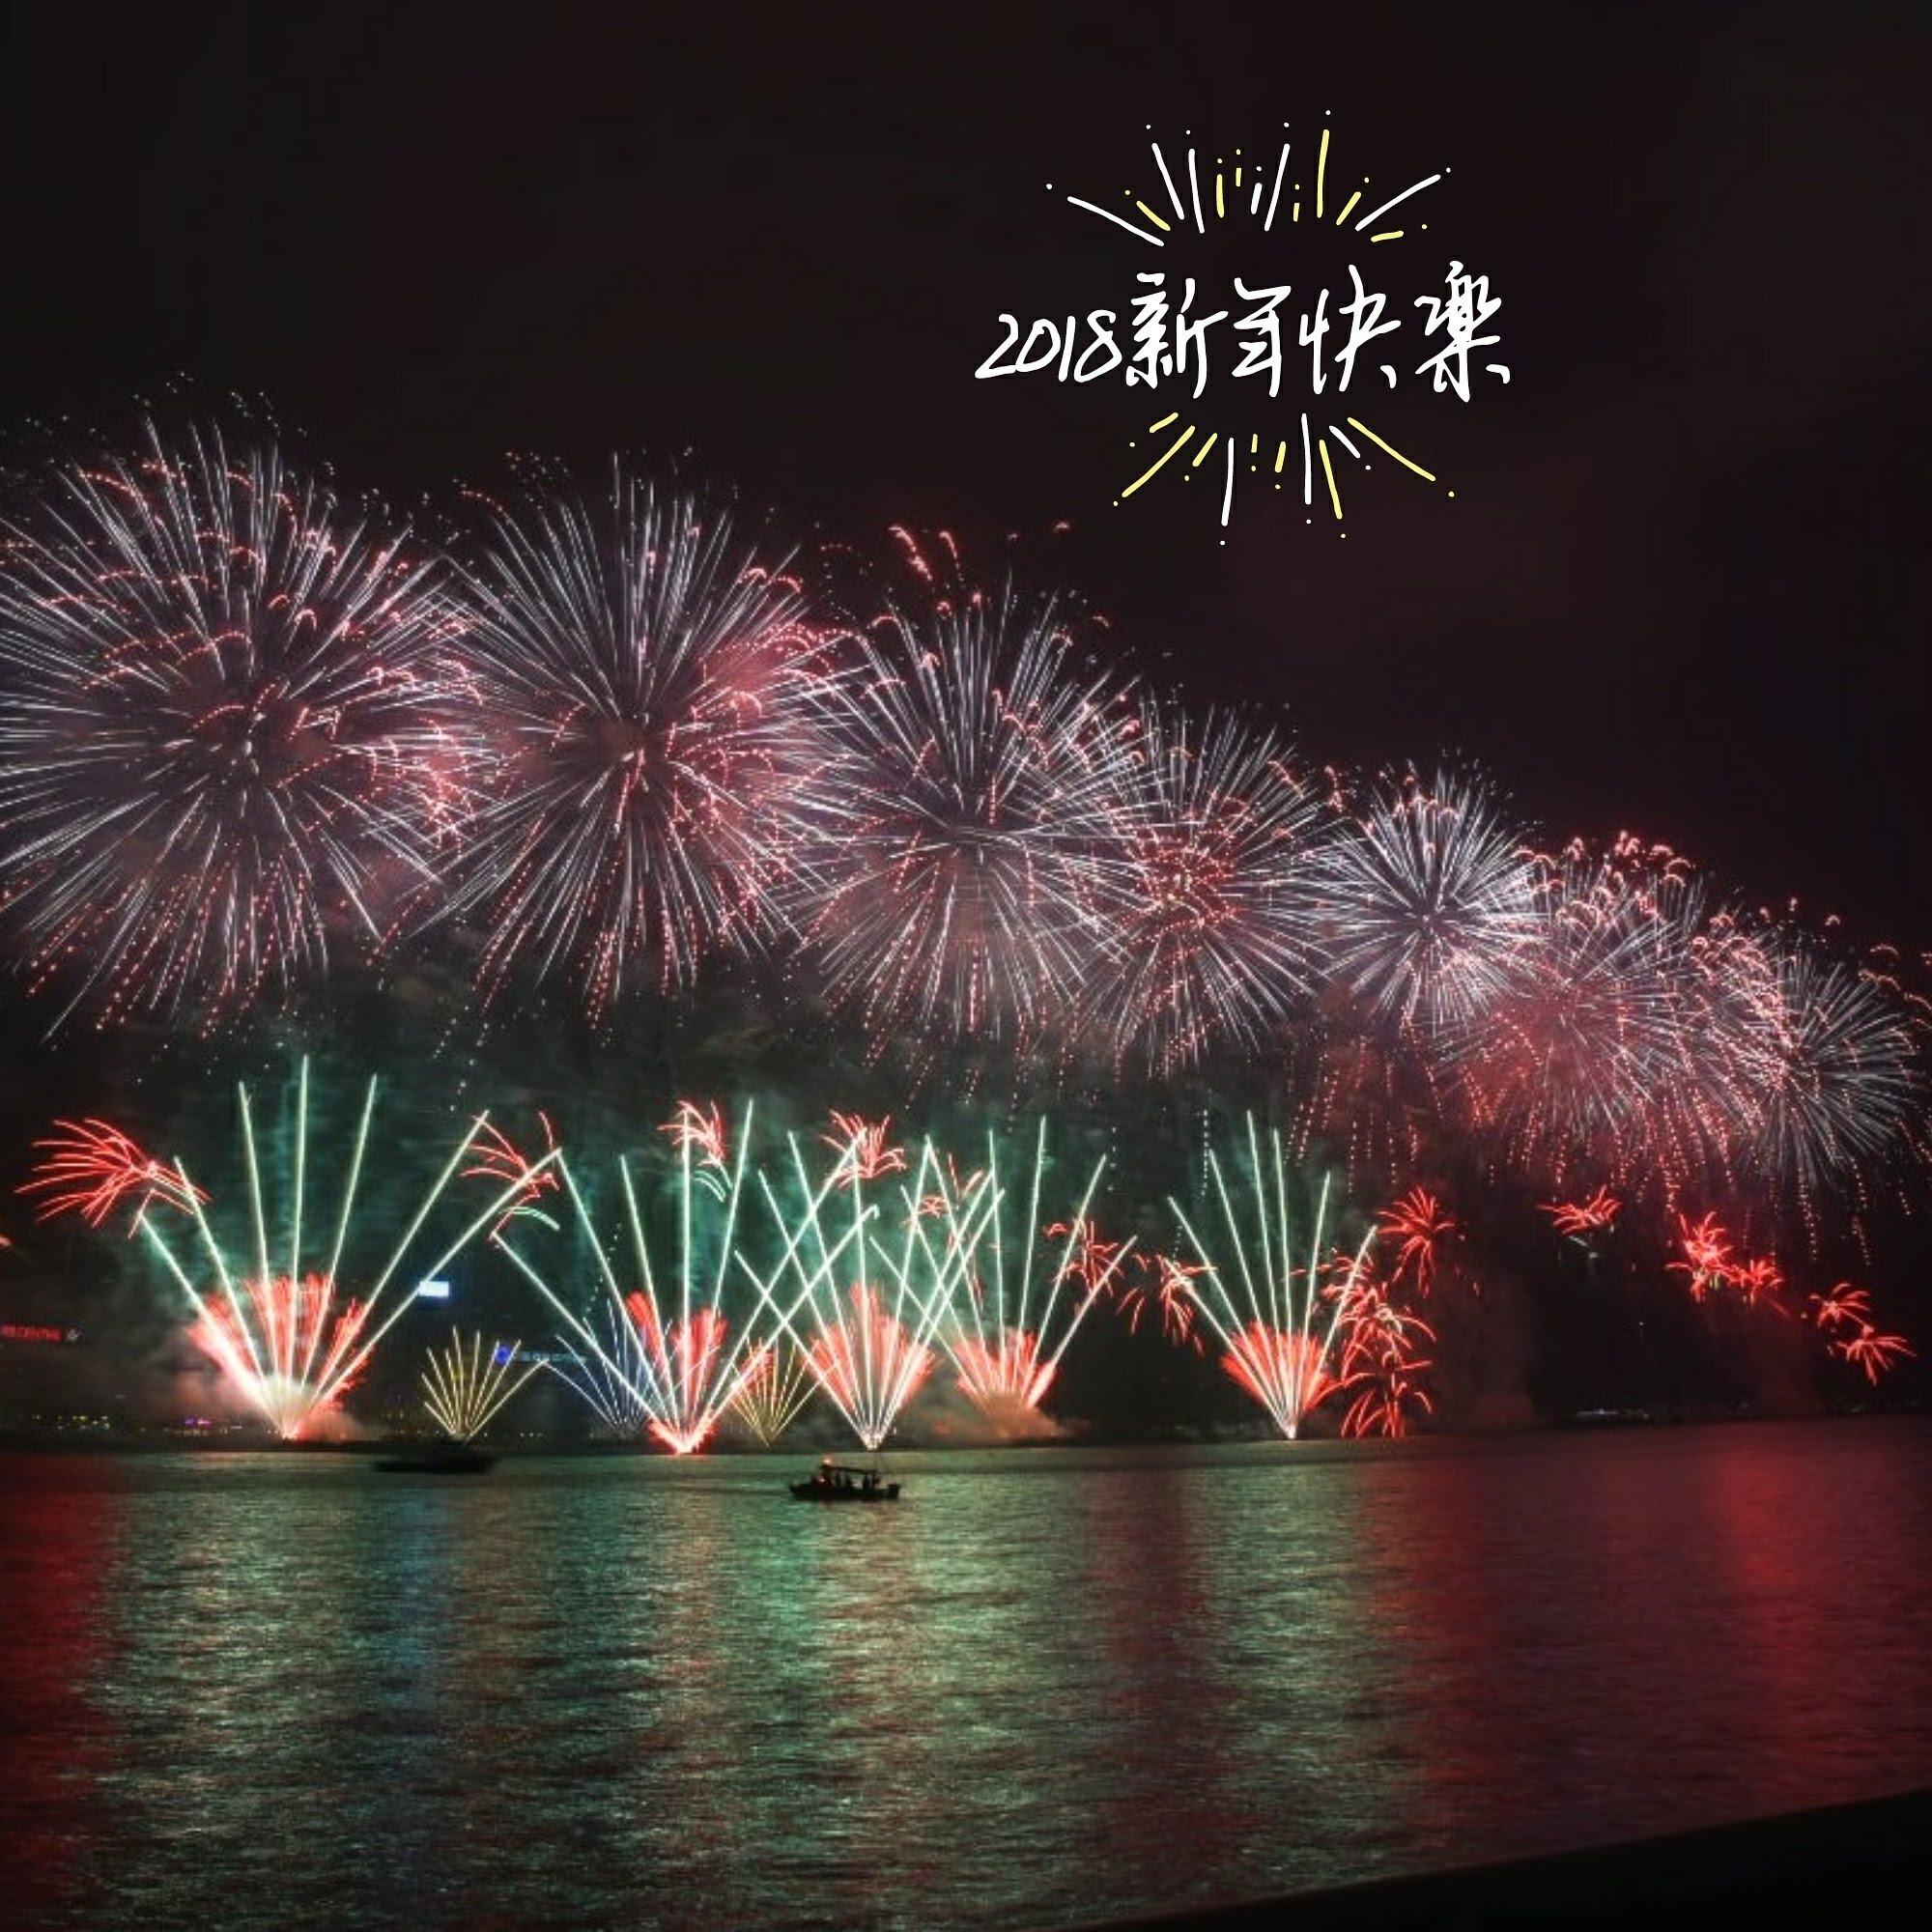 香港自由行|2018香港跨年煙火欣賞及拍攝煙火的私房景點推薦